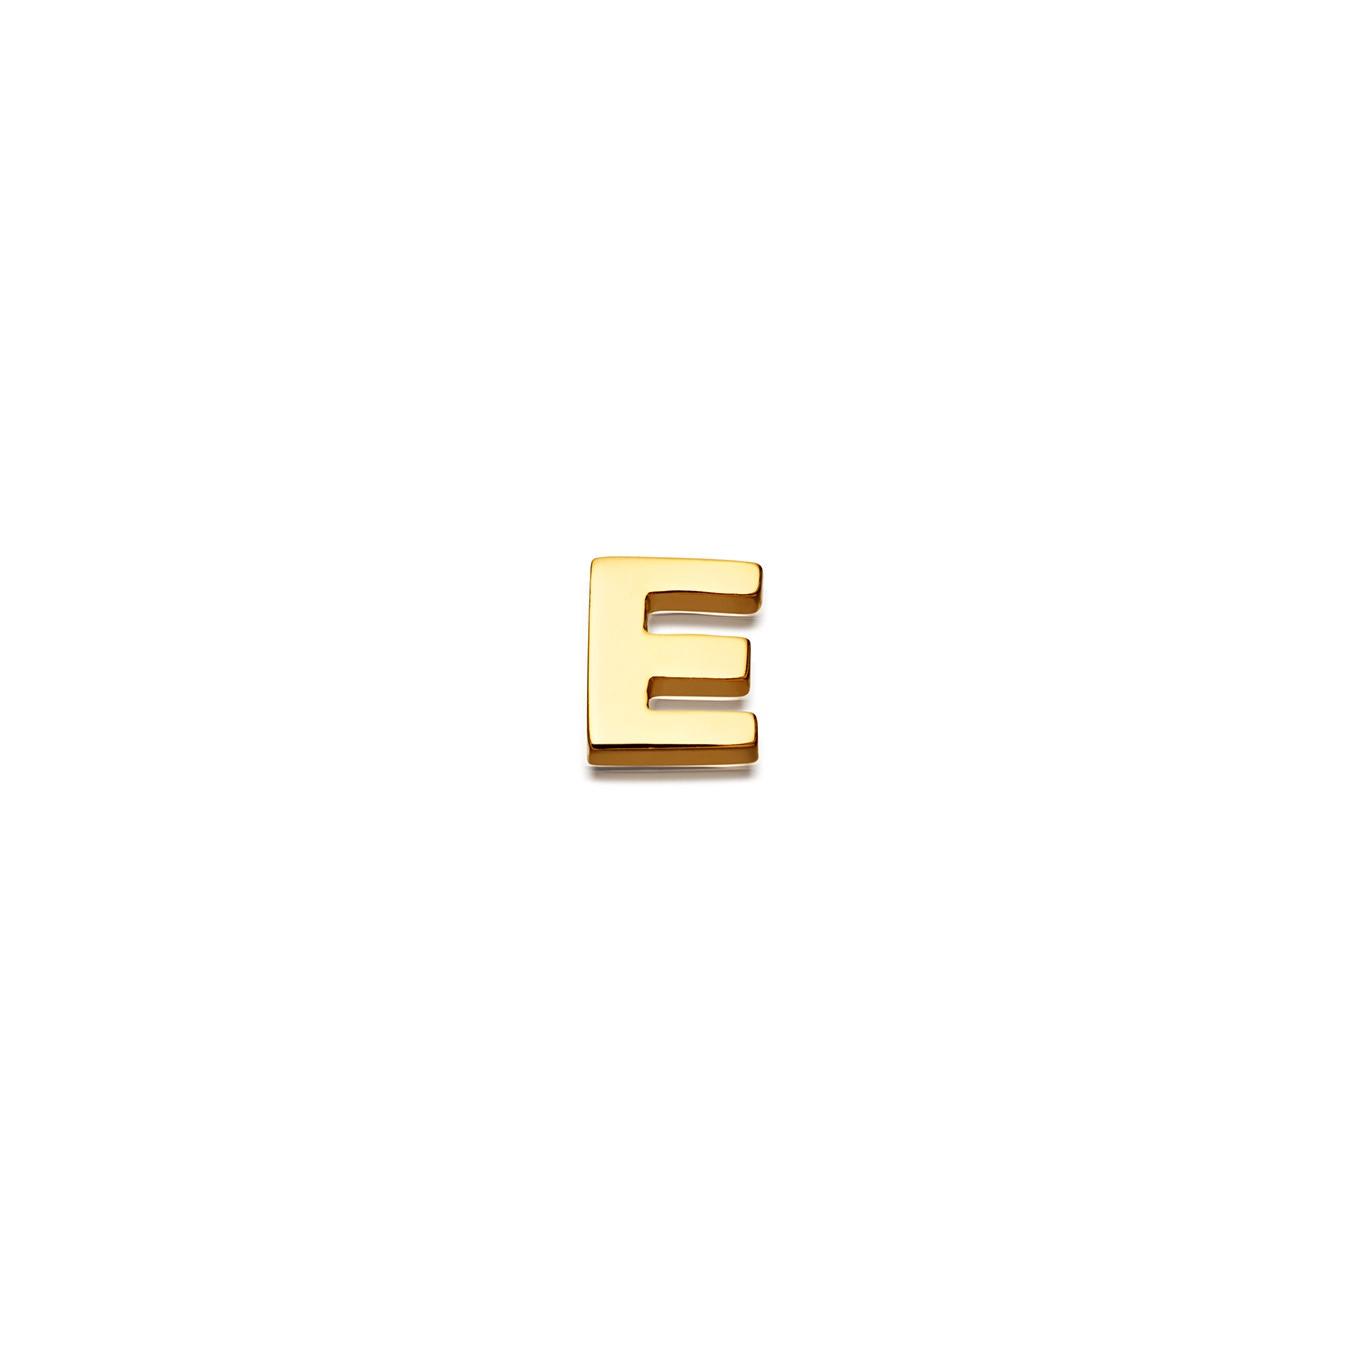 Initial 'E' Biography Pin